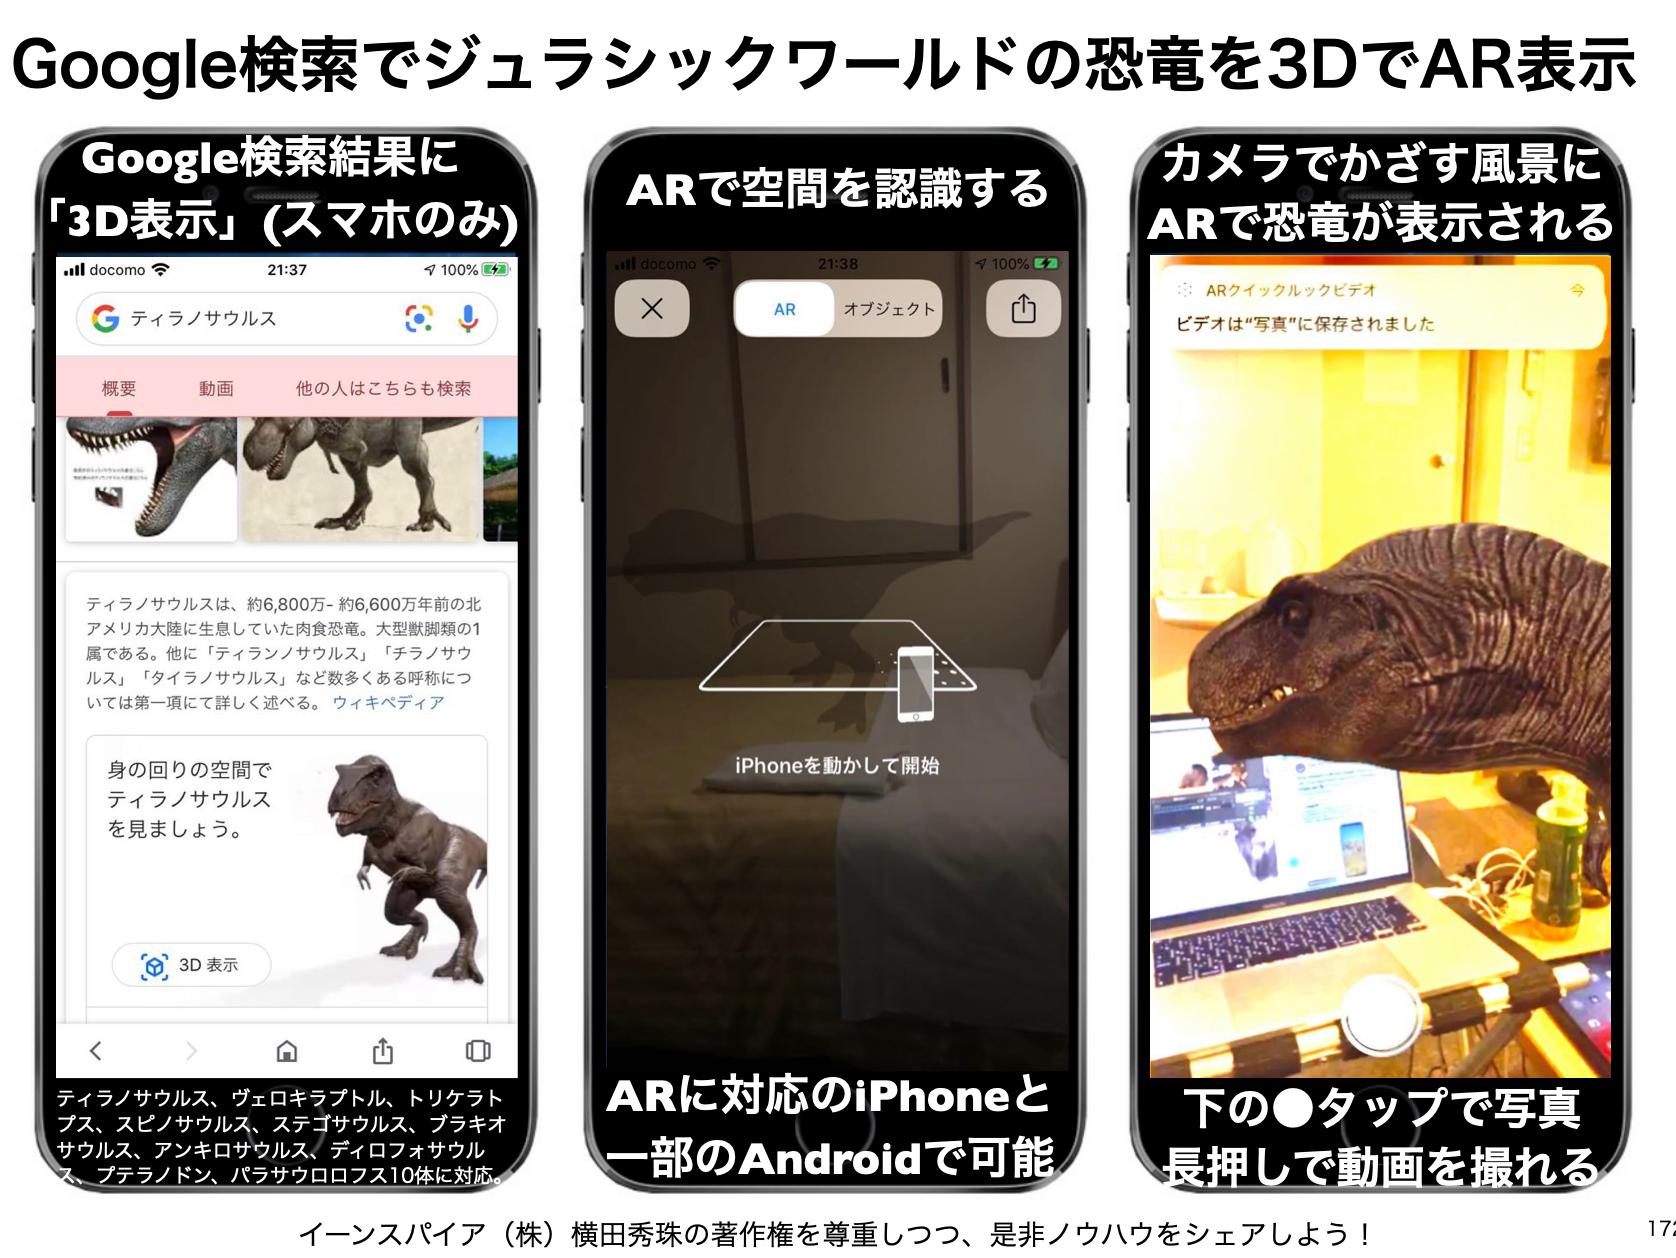 Google検索で動物29種類に加え恐竜10体を3DでAR表示へ